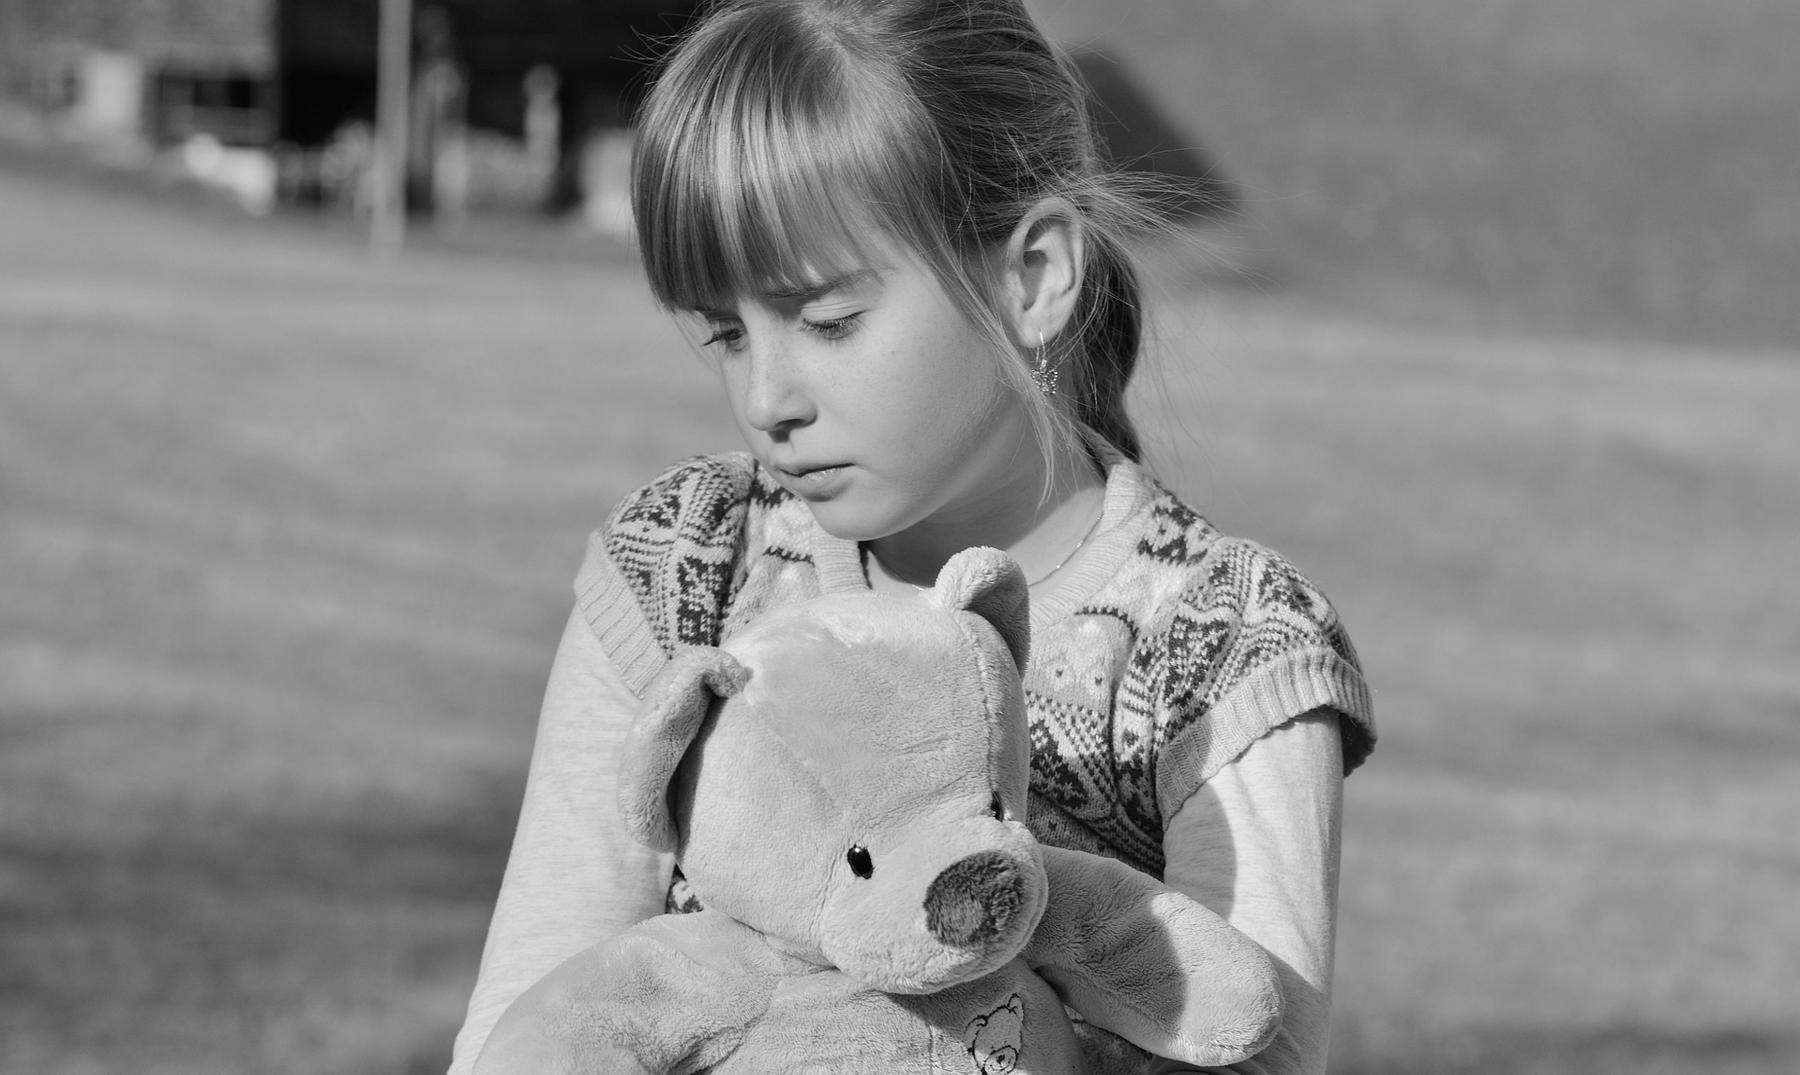 La niña que vivió 5 años en un armario - Supercurioso